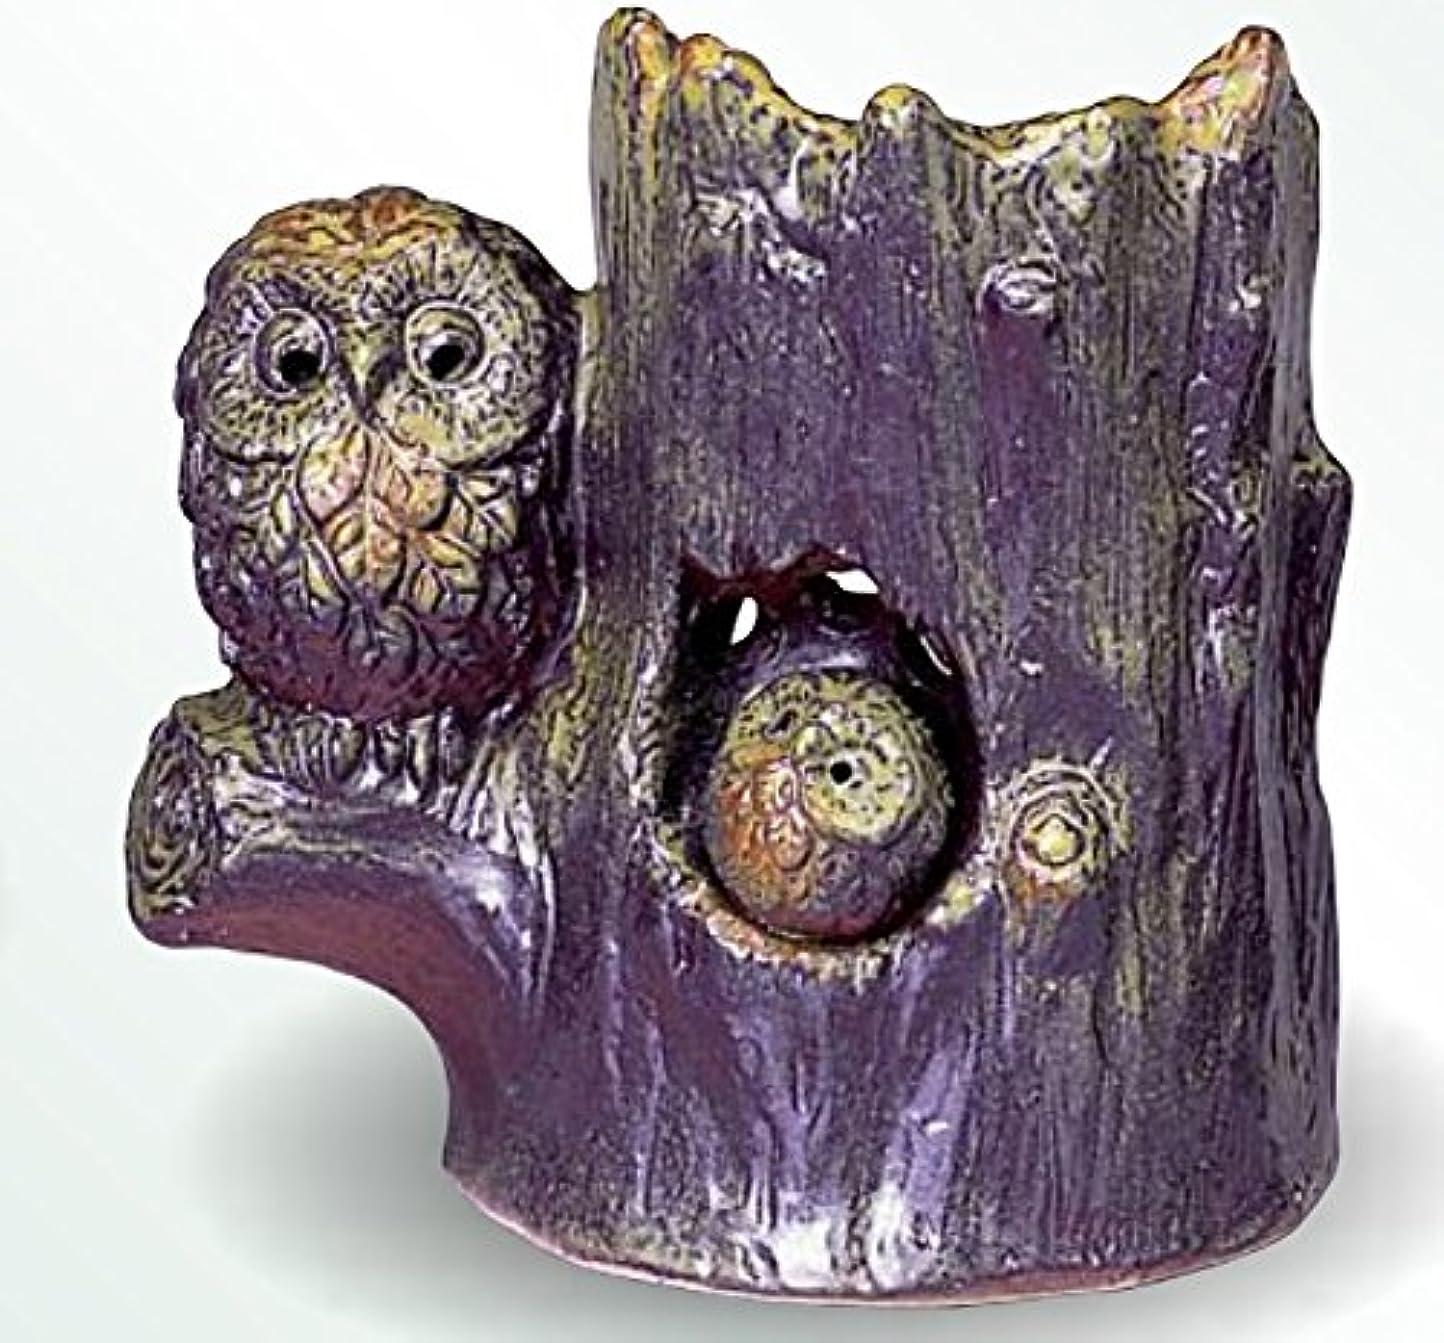 インシデント上昇シェード常滑焼 茶香炉(アロマポット)森フクロウ 径13.5×高さ14.5cm